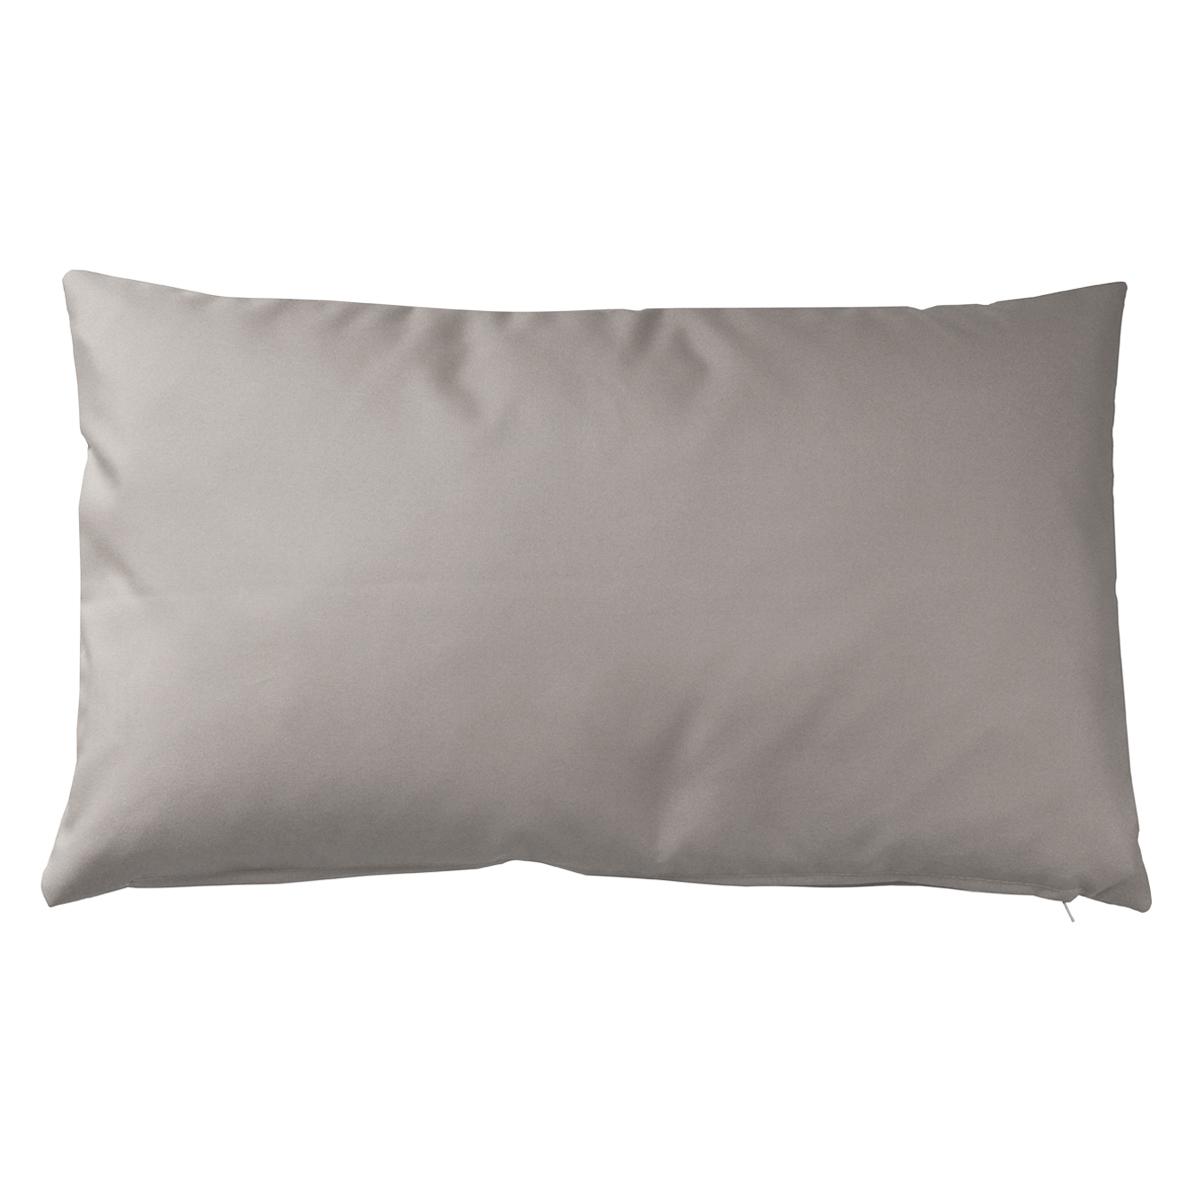 Housse de coussin d'extérieur en tissu outdoor - Lin - 30 x 50 cm